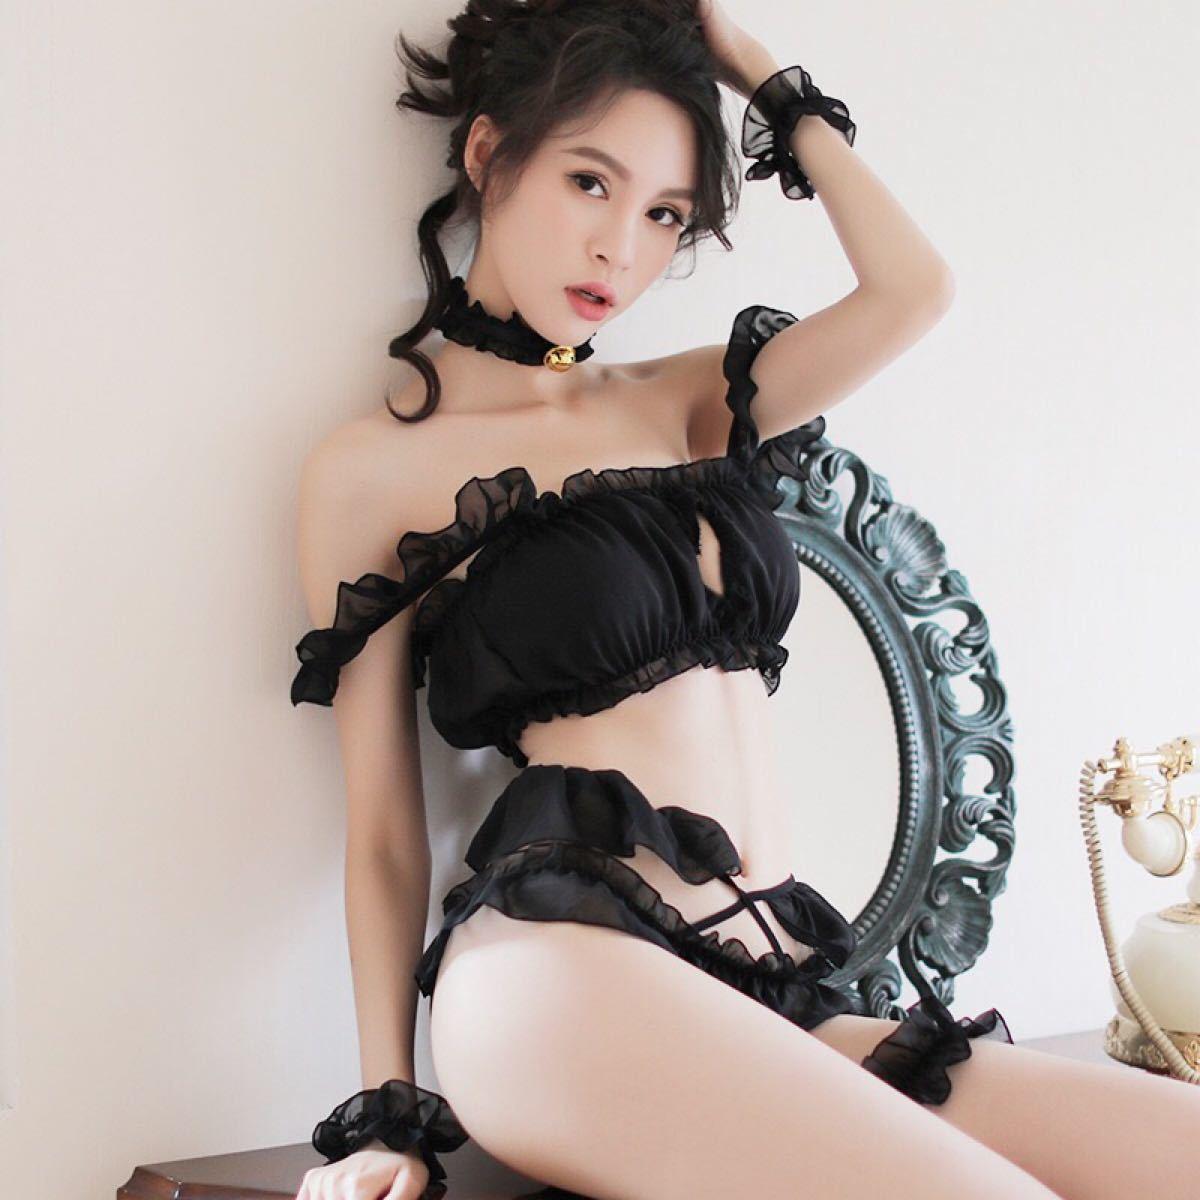 胸ハート可愛いセクシー猫コスプレ ランジェリーお得6点セット